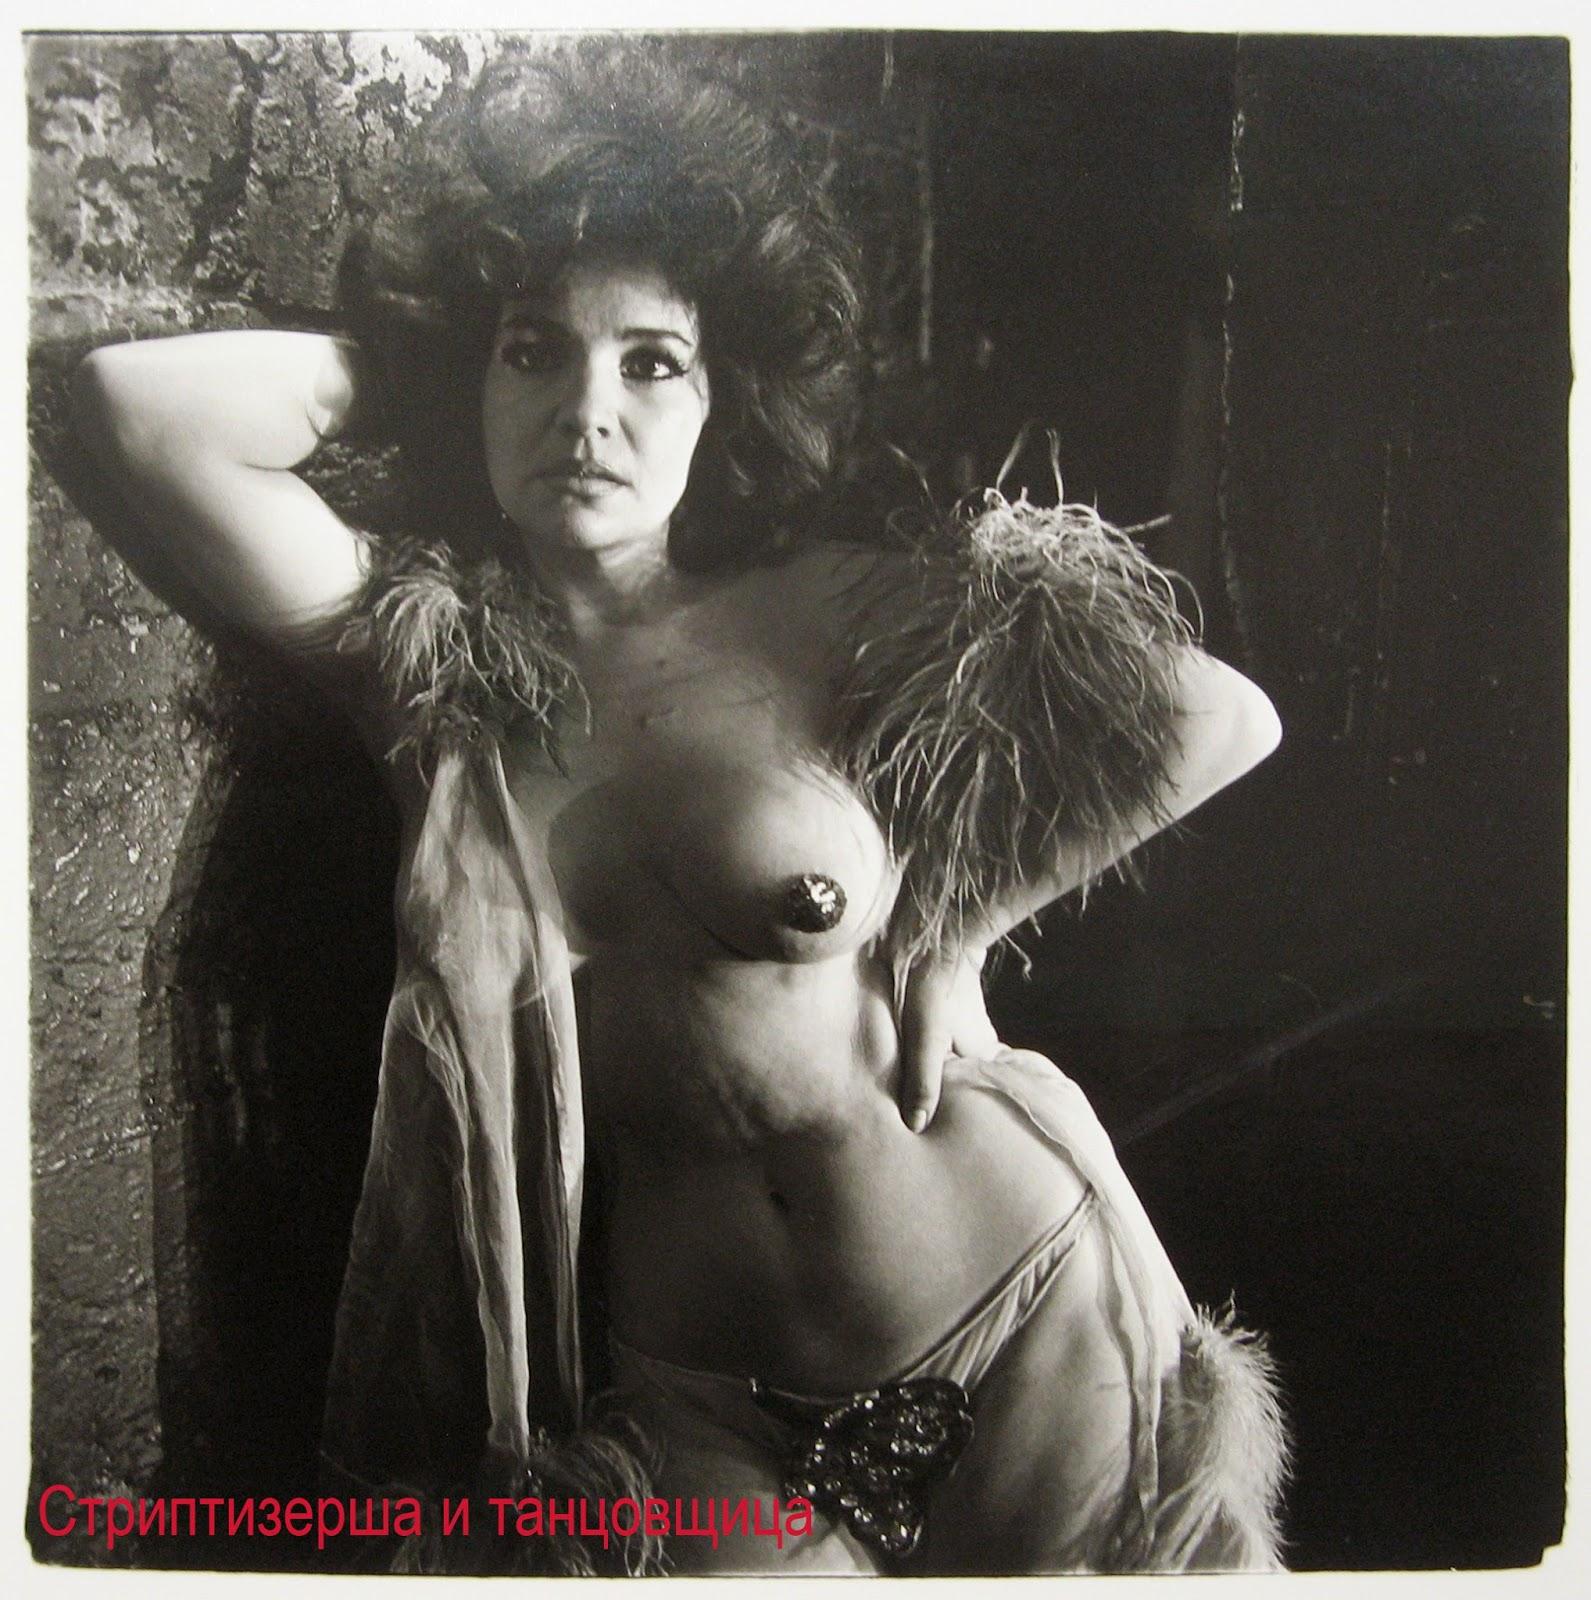 Трансвеститы в вологде 5 фотография